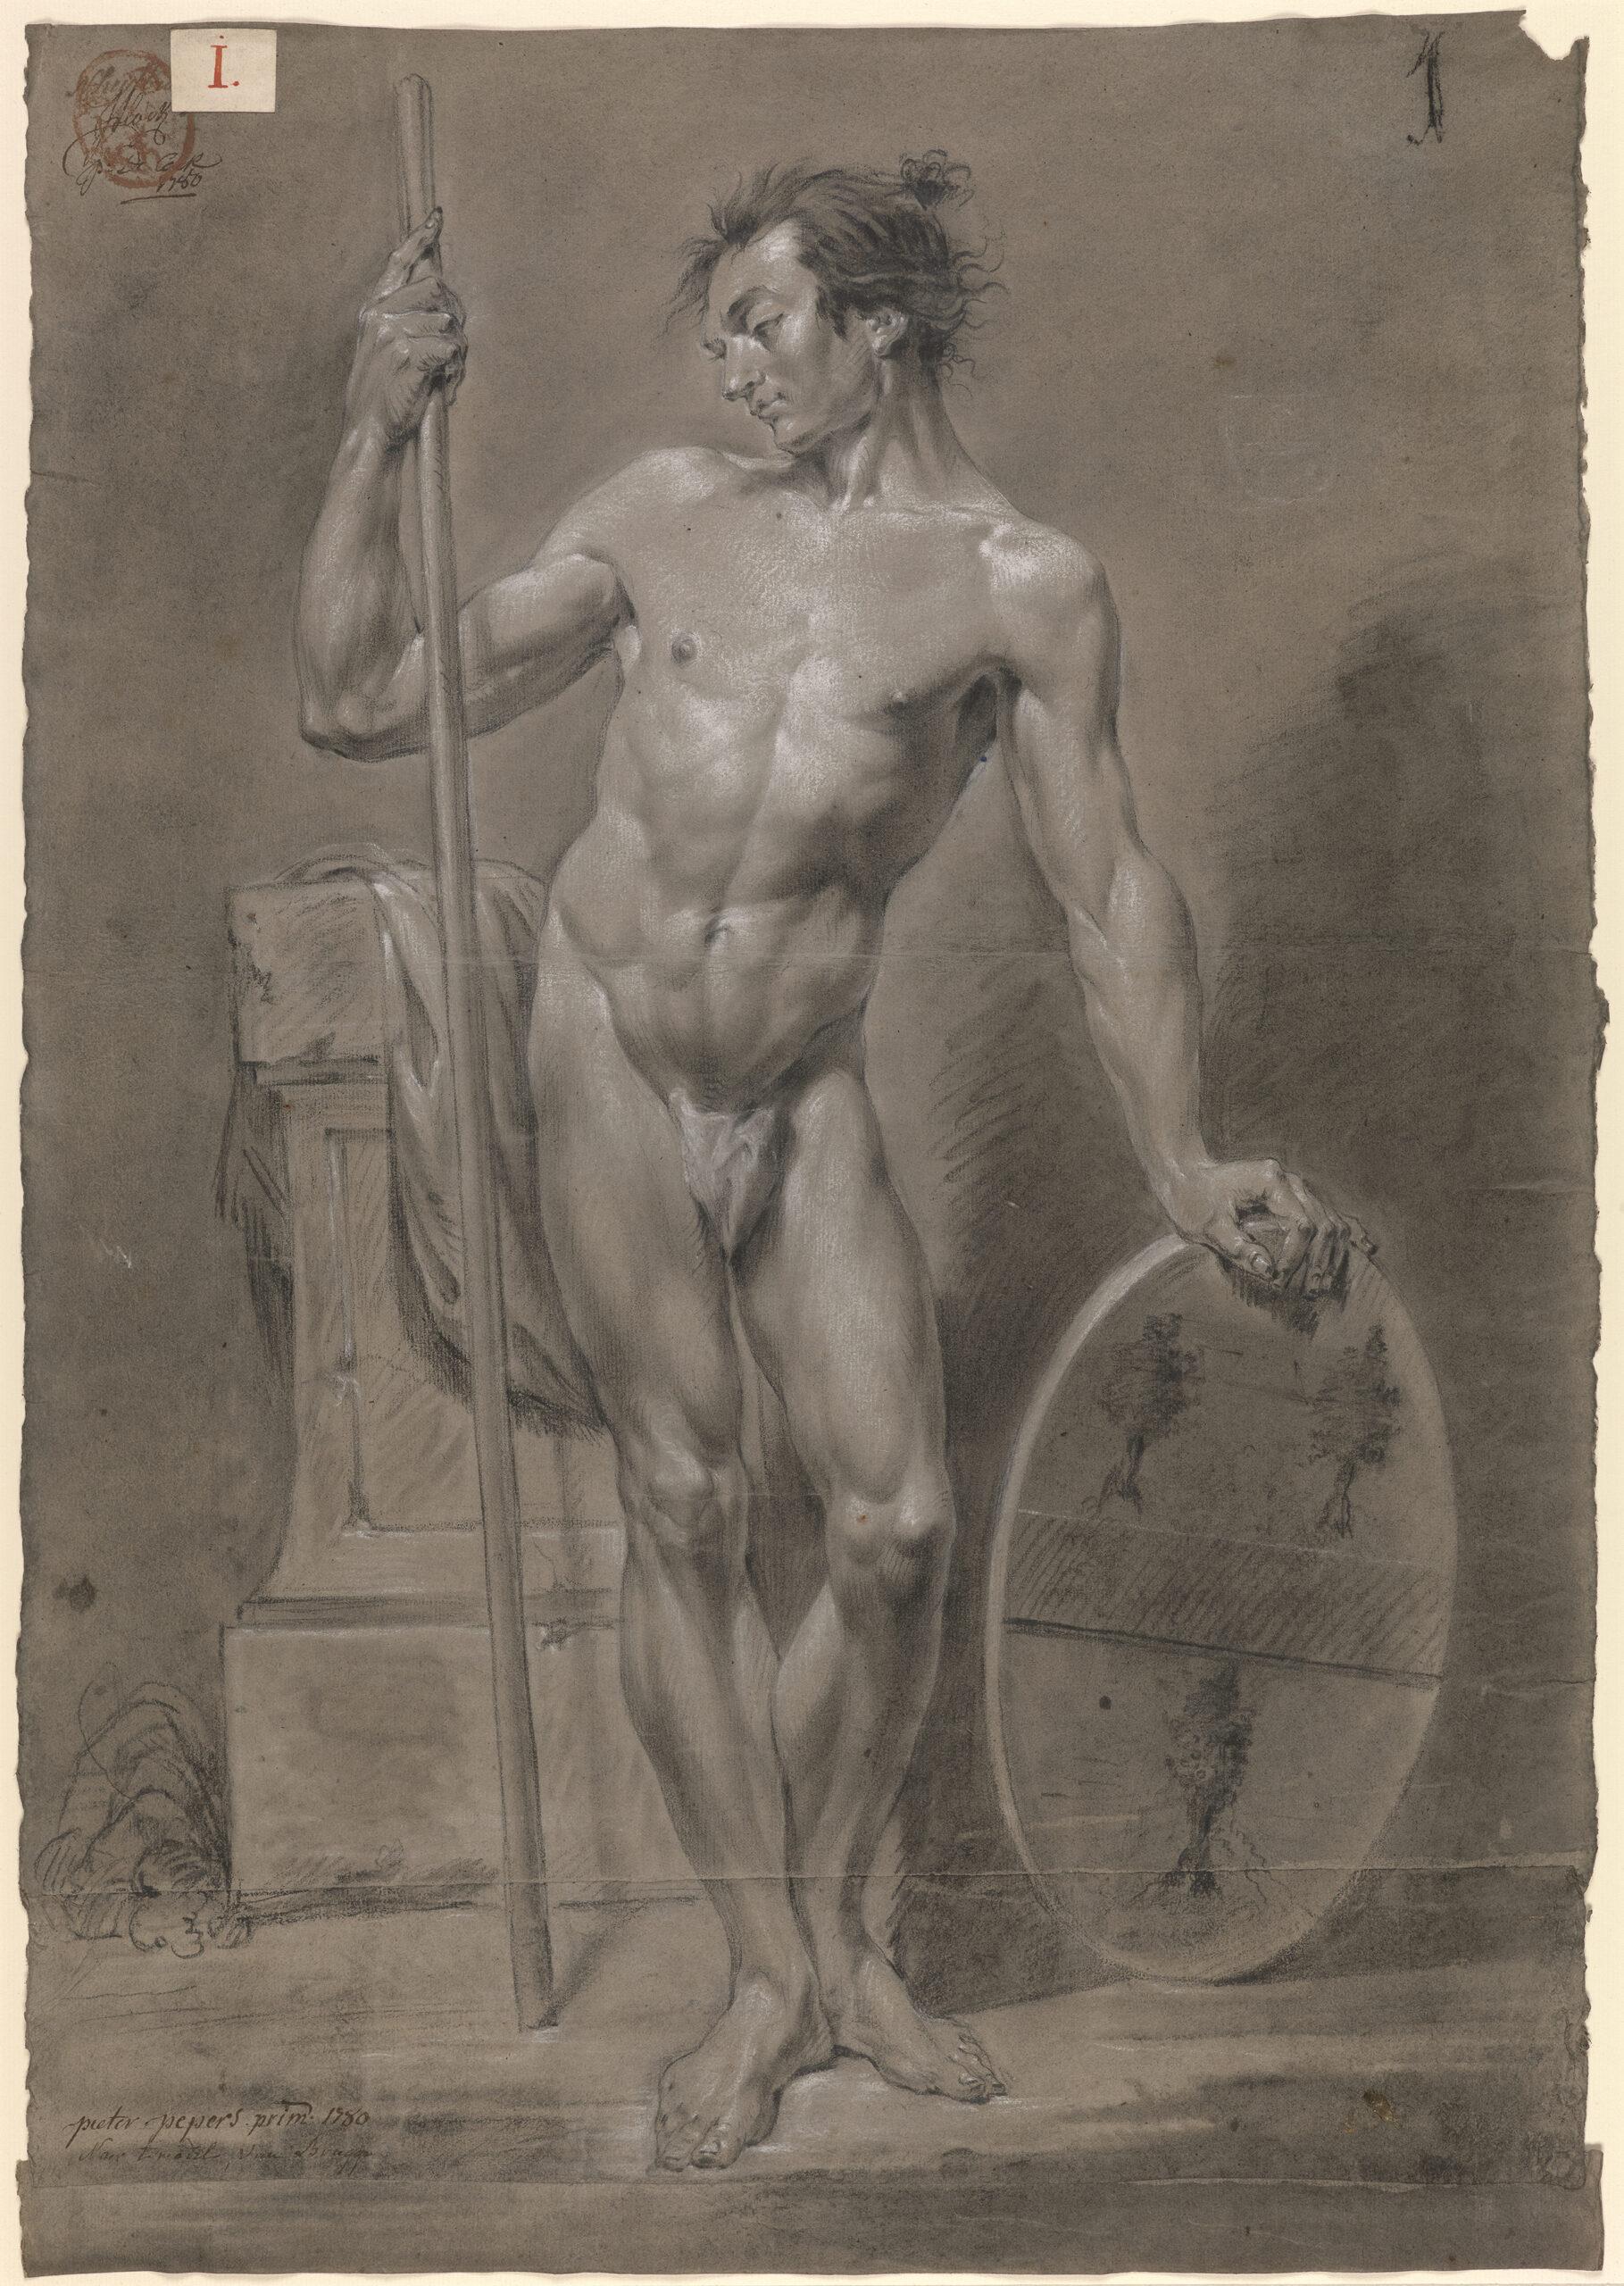 Fig. 8: Pieter Pepers II (1761-1794), Study from a Model, Groeningemuseum, Printroom, 0014.GRO0009.II